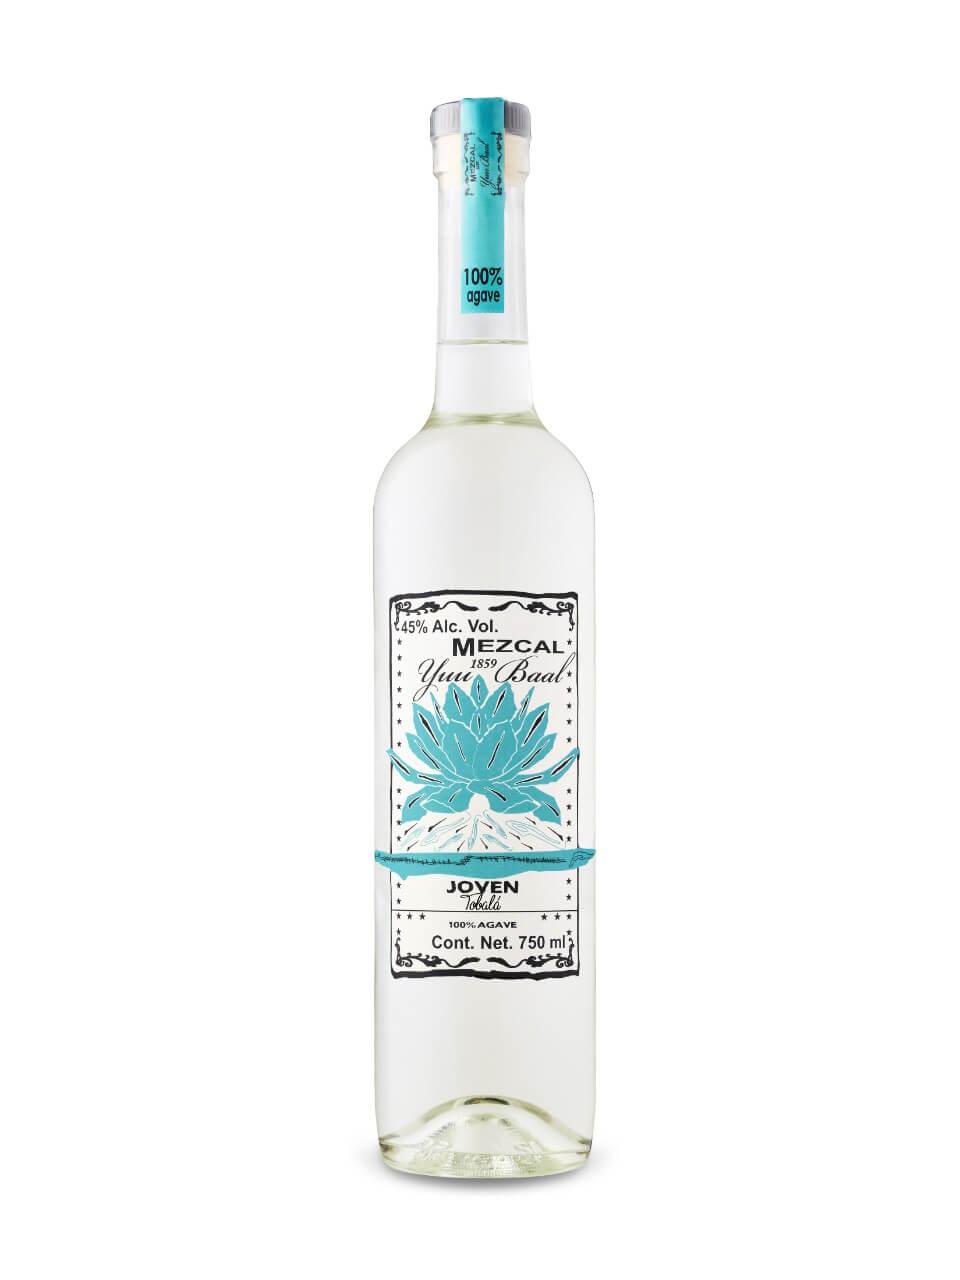 Mezcal Yuu Baal Tobala Joven bottle